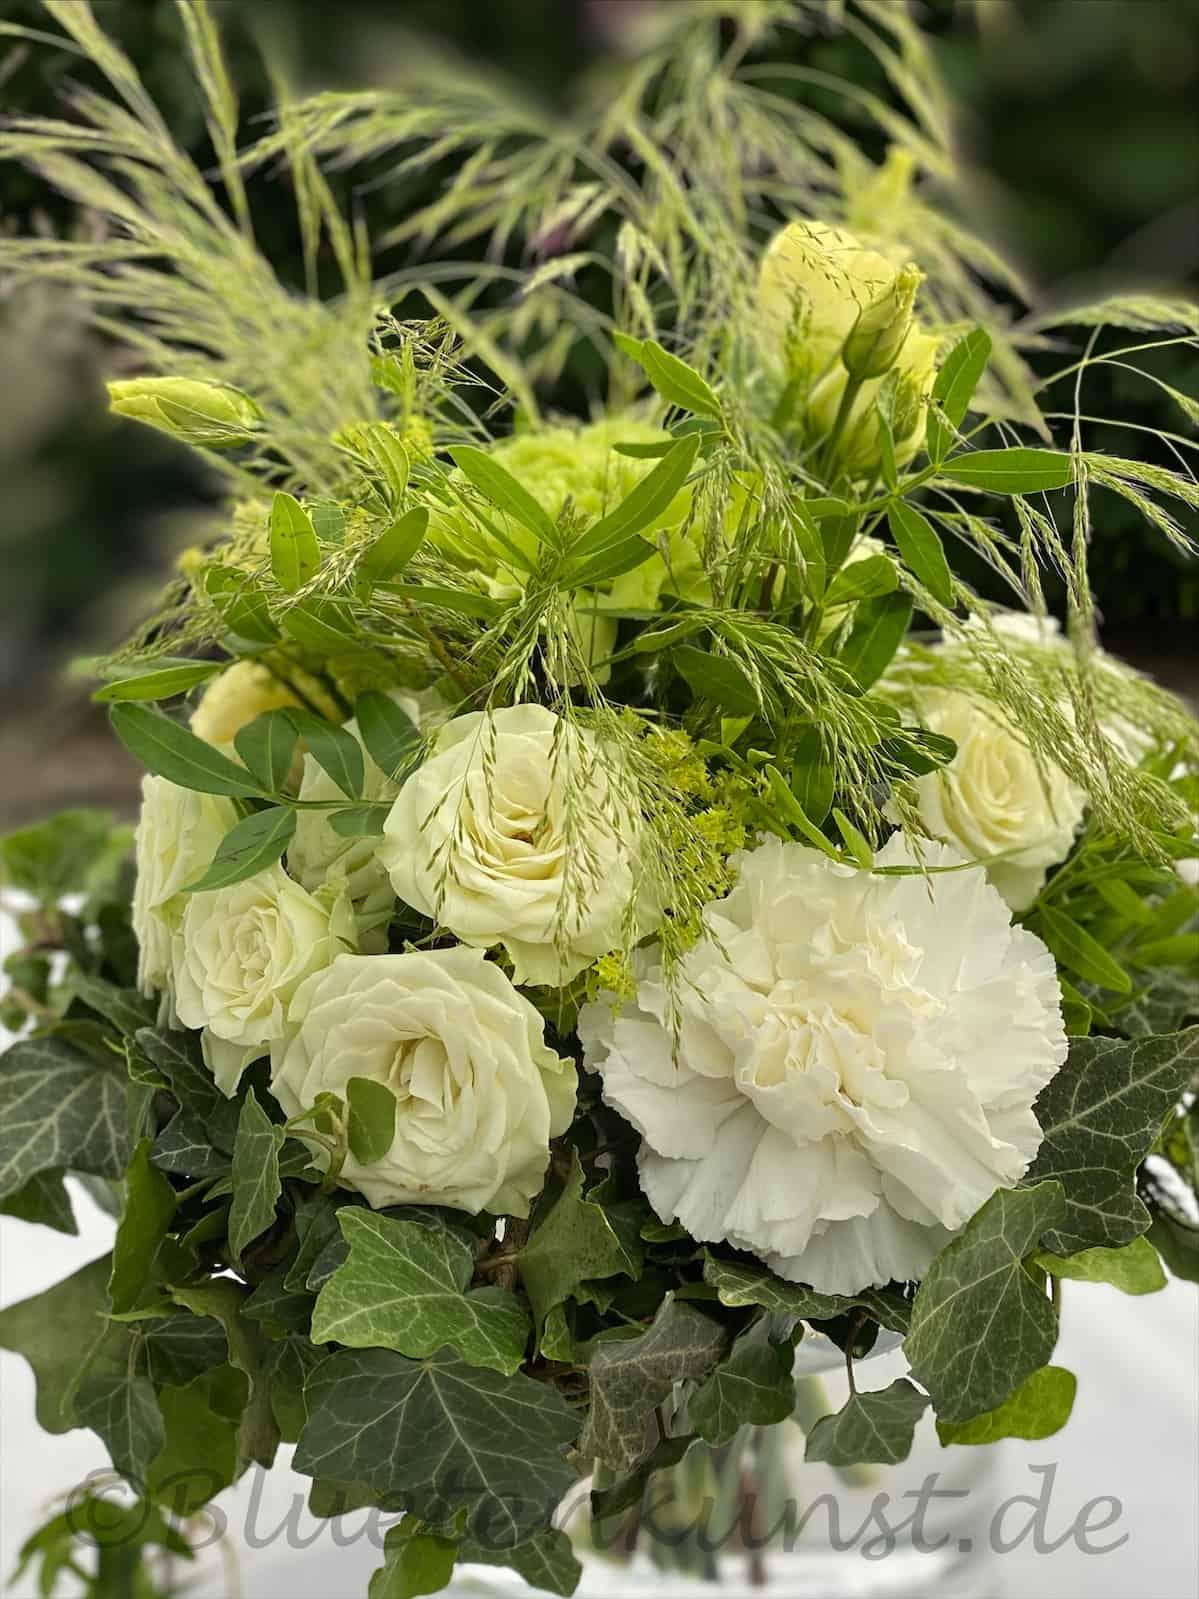 Braustrauß weiss grün mit Ziergräsern weiße Polyanther-Rose für Hochzeit in Standesamt Hohenwart Bayern